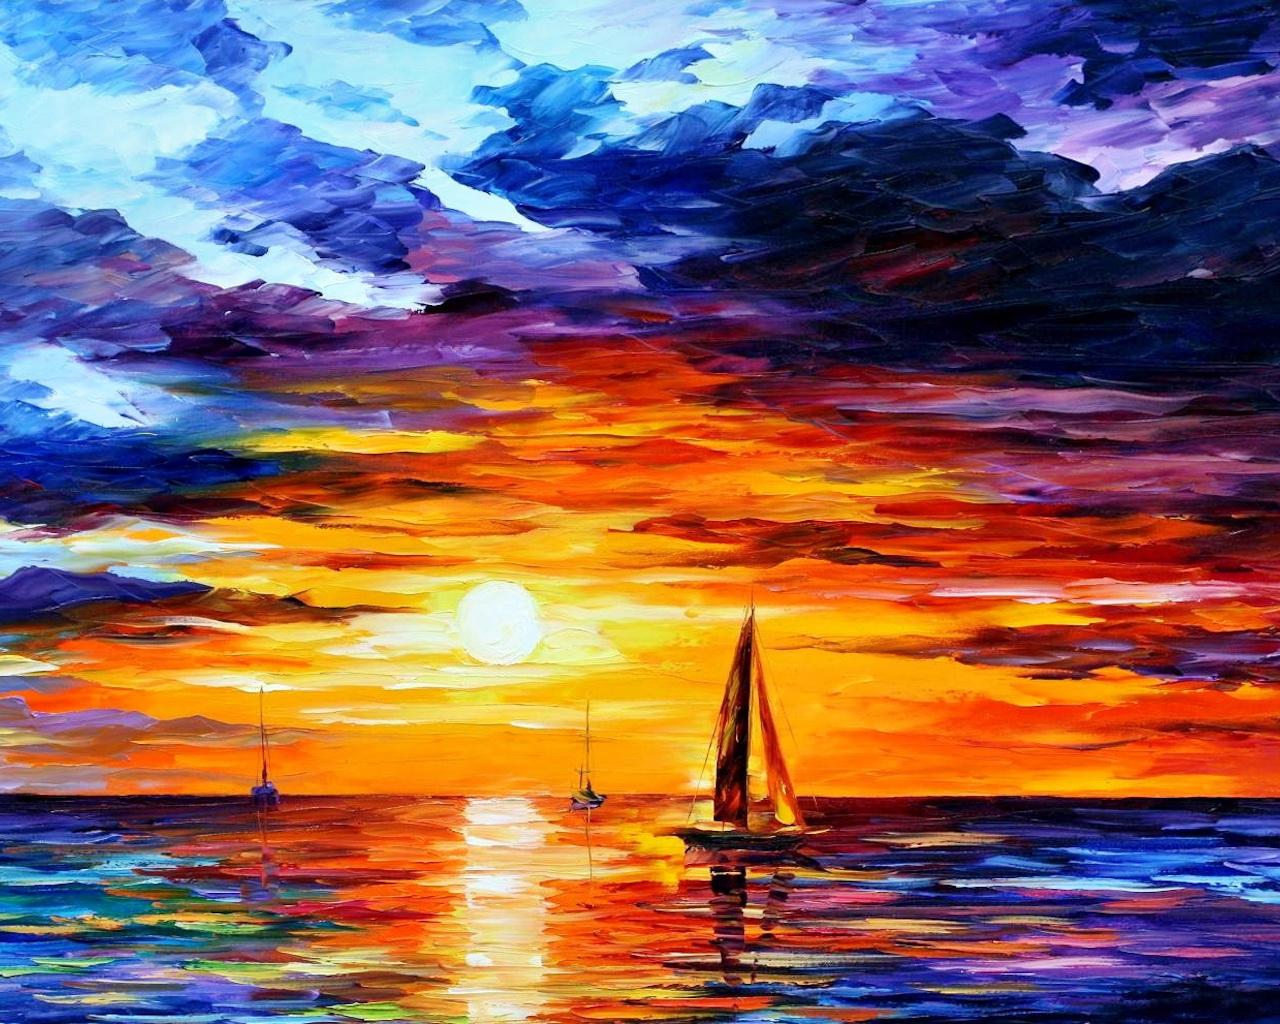 beautiful sunset wallpaper,sky,painting,horizon,sunset,sail